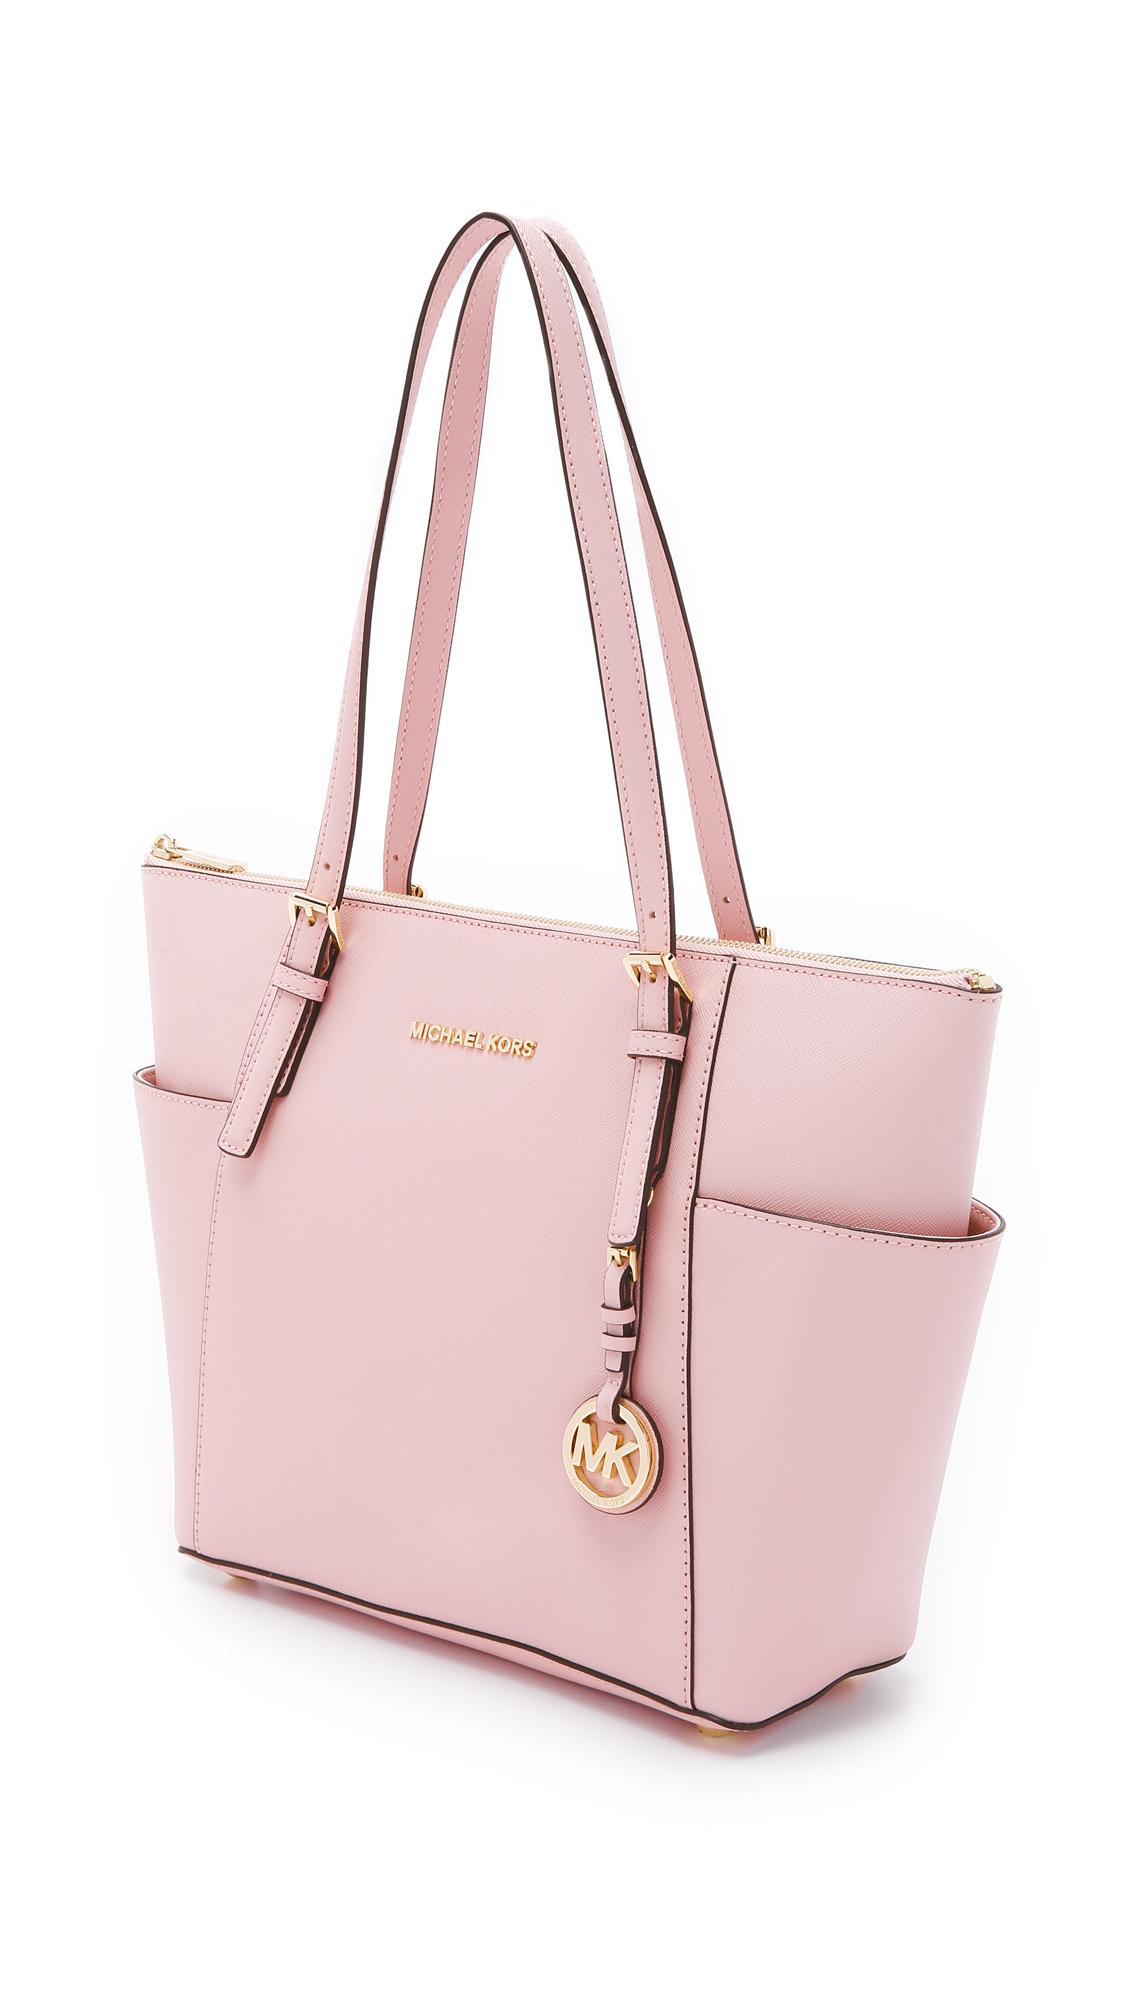 7f46a122d600 ... shop lyst michael michael kors jet set top zip saffiano tote bag in  pink 761e3 02e7e